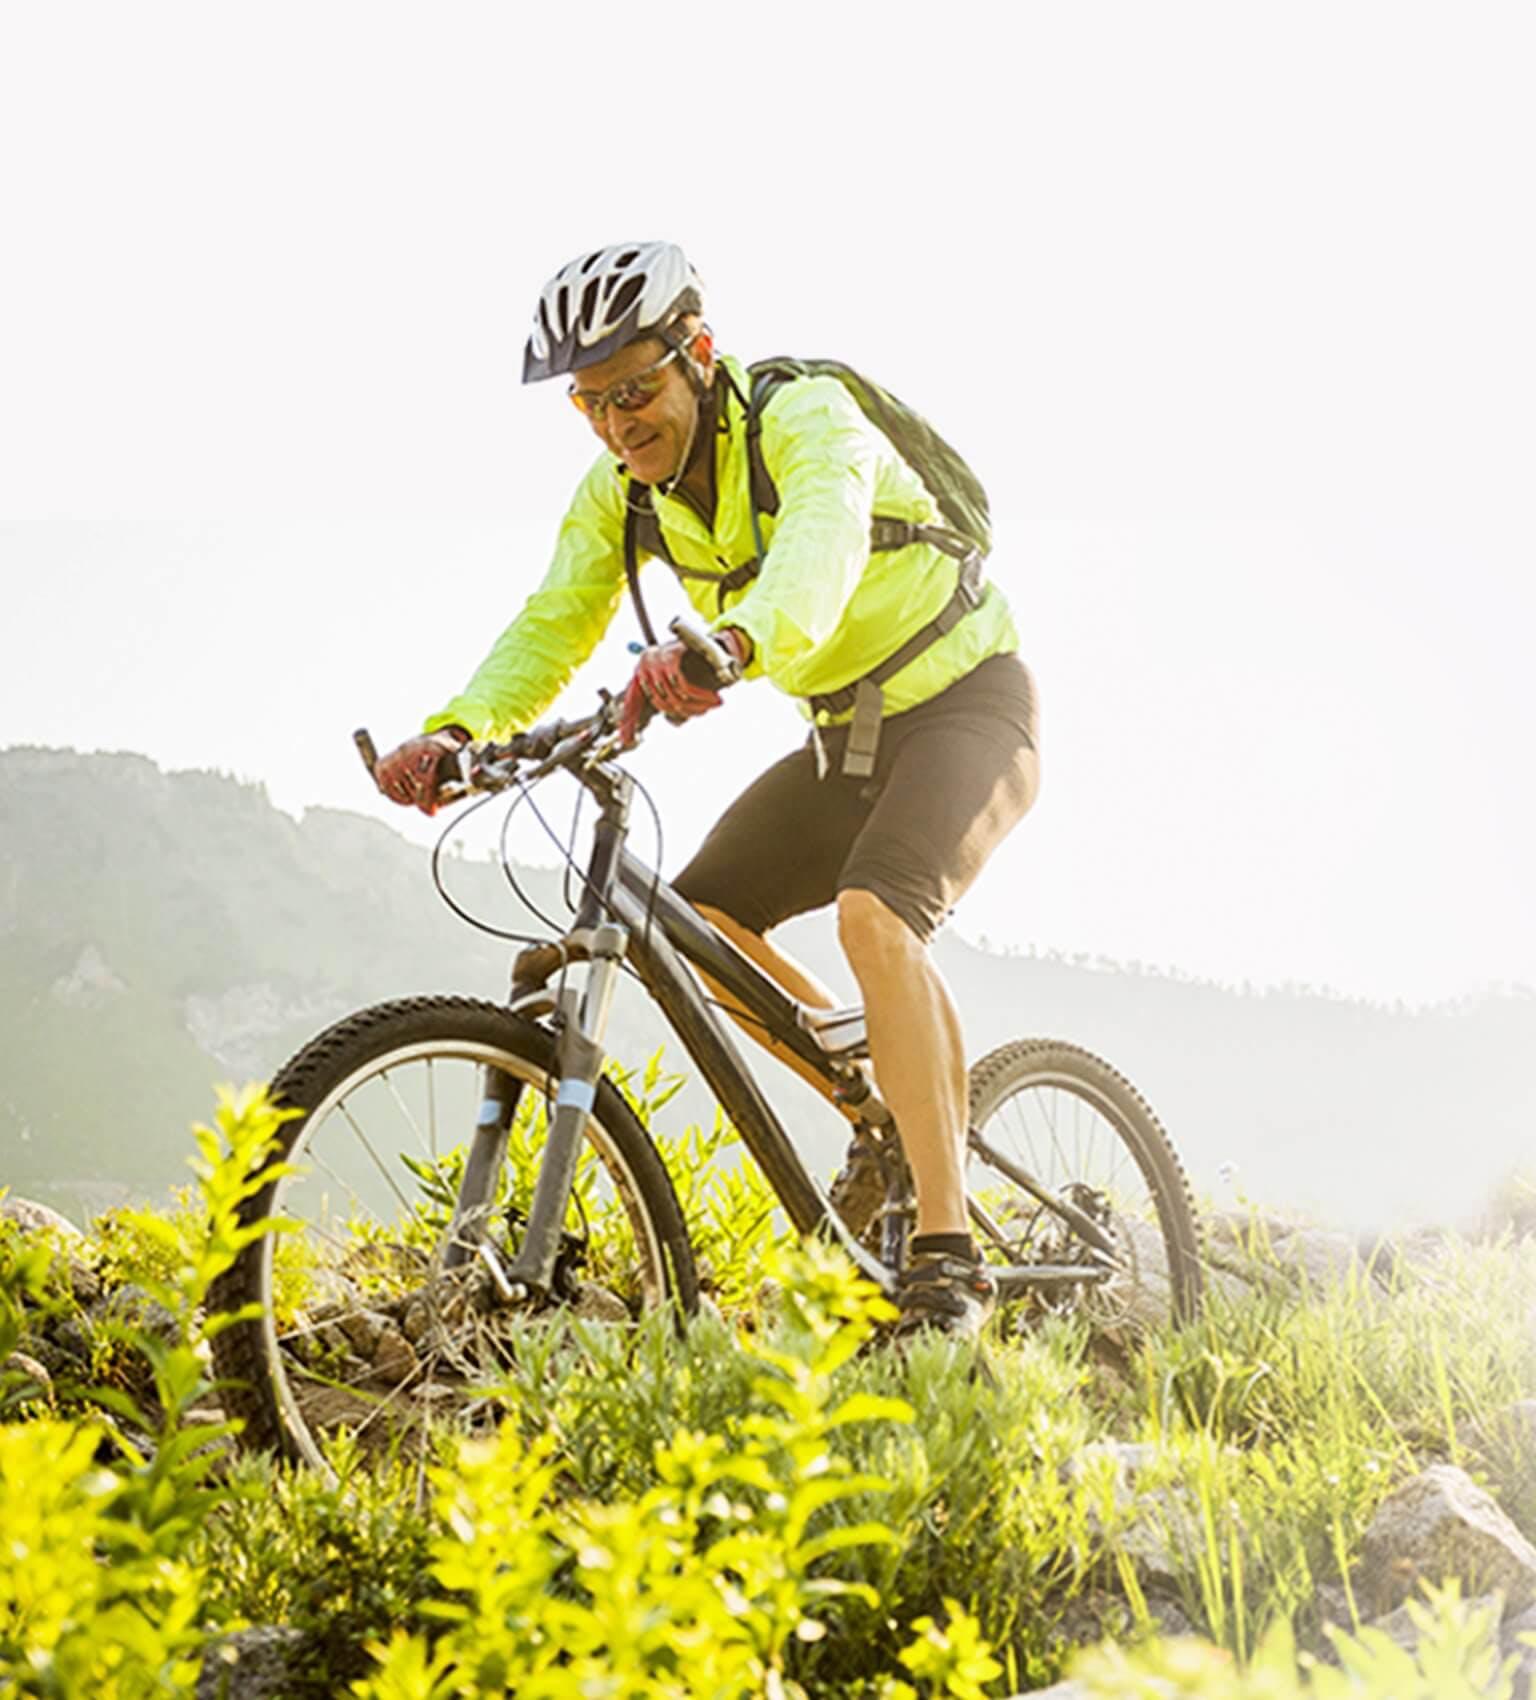 Mężczyzna na rowerze górskim w scenerii gór i łąki